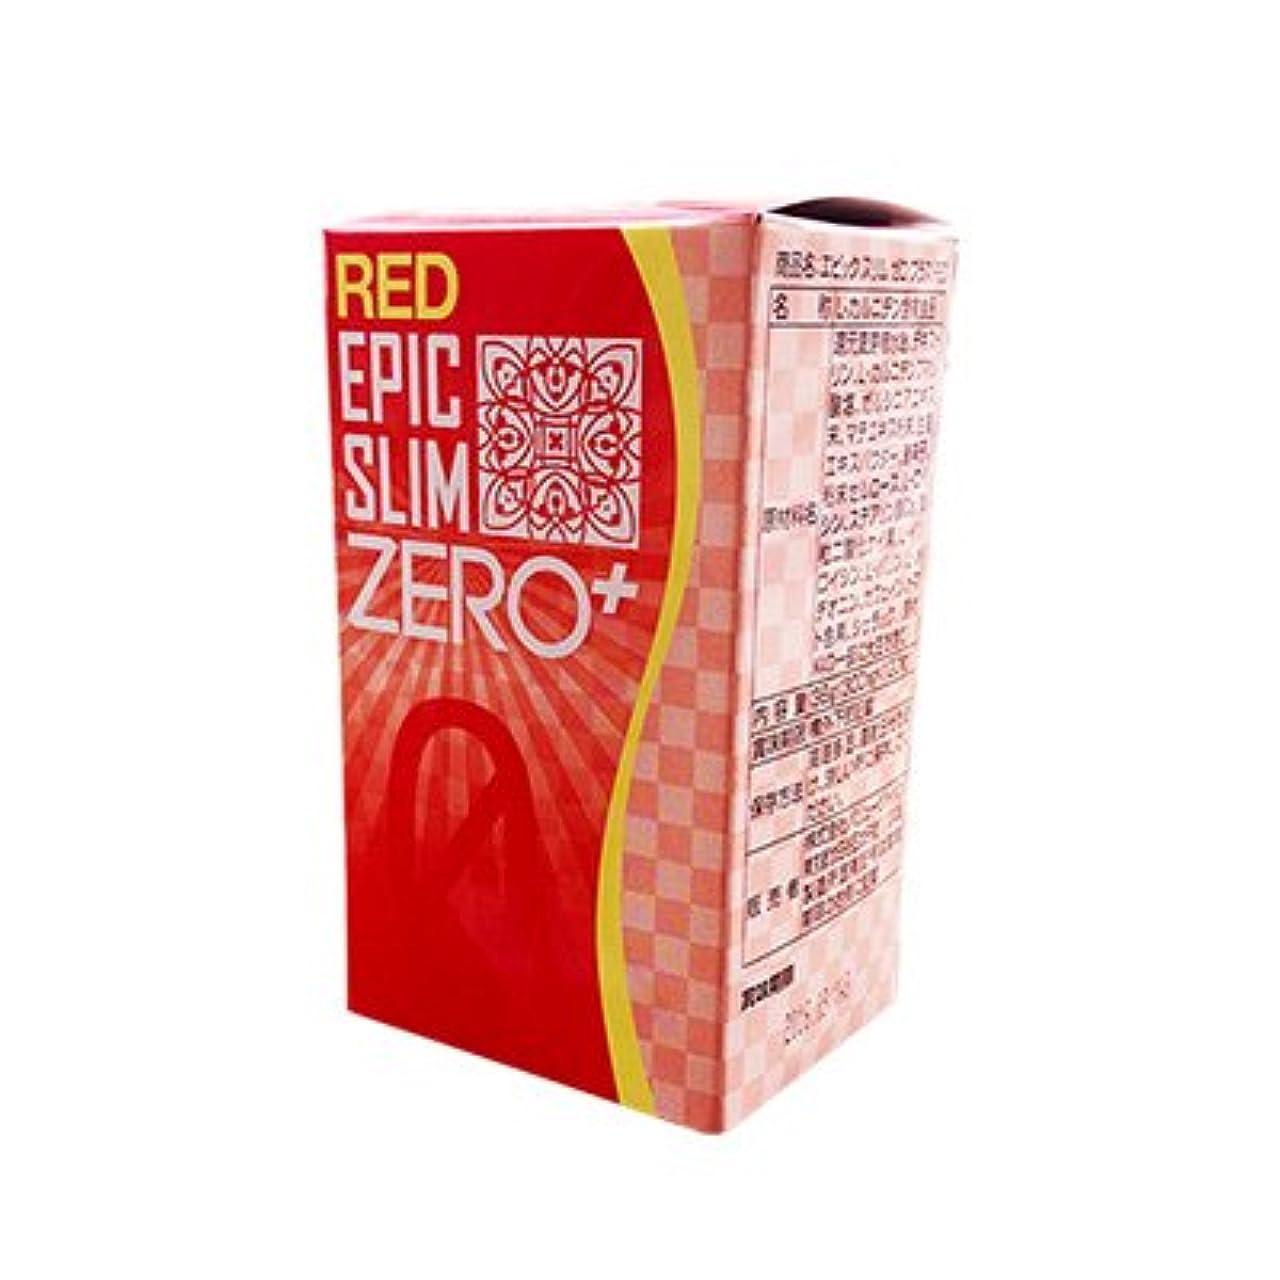 抑制する詐欺師弁護人レッド エピックスリム ゼロ レッド Epic Slim ZERO RED